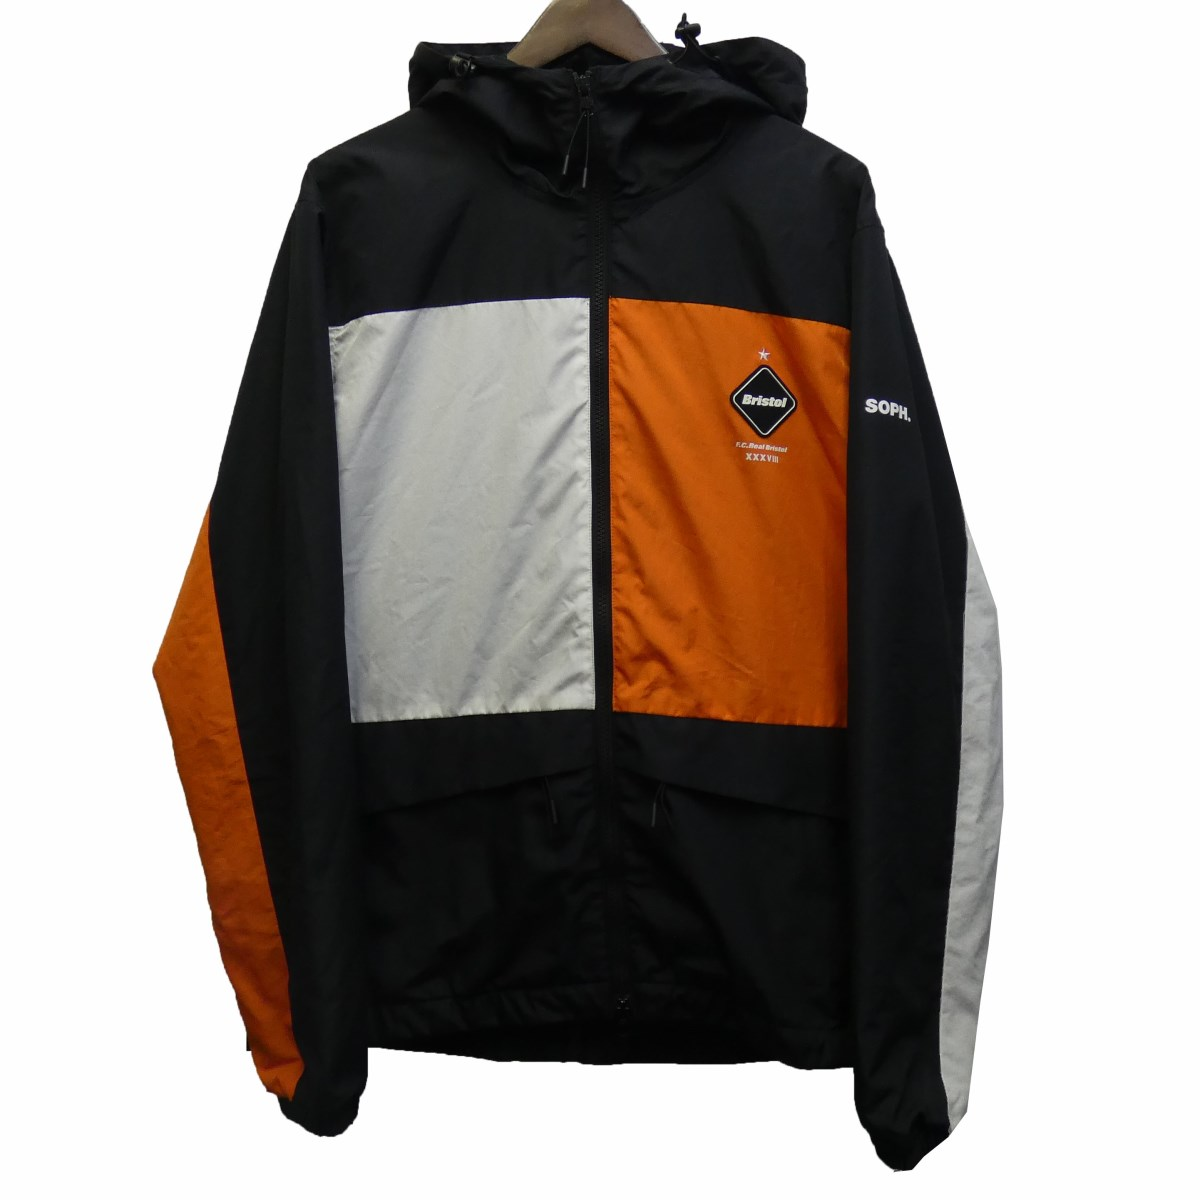 【中古】F.C.R.B.17AW「COLOR BLOCK SEPARATE PRACTICE JACKET」ジャケット ブラック×ホワイト×オレンジ サイズ:L 【3月30日見直し】